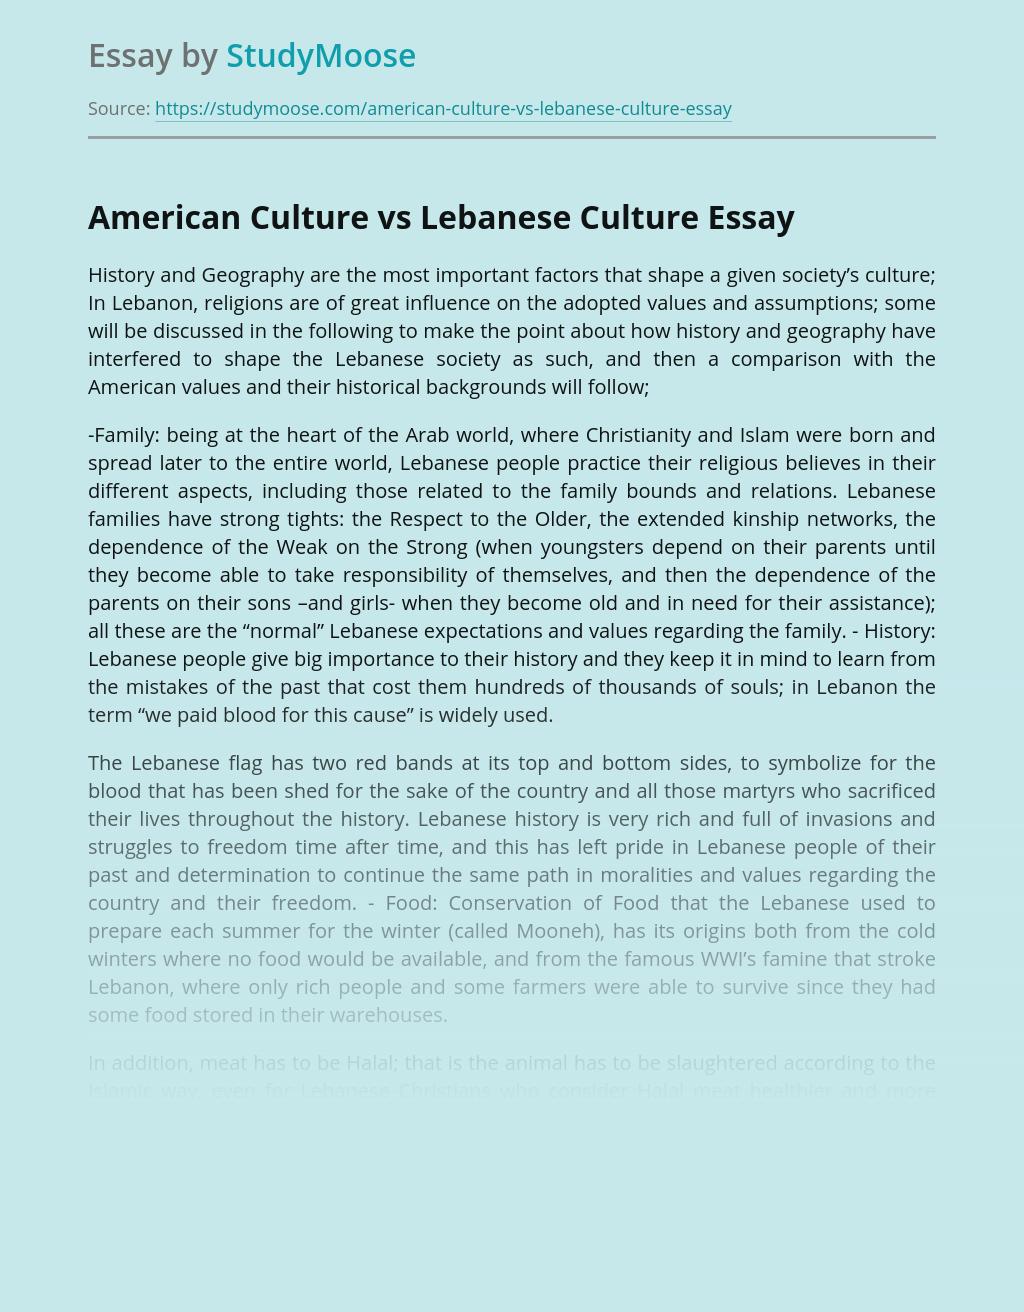 American Culture vs Lebanese Culture